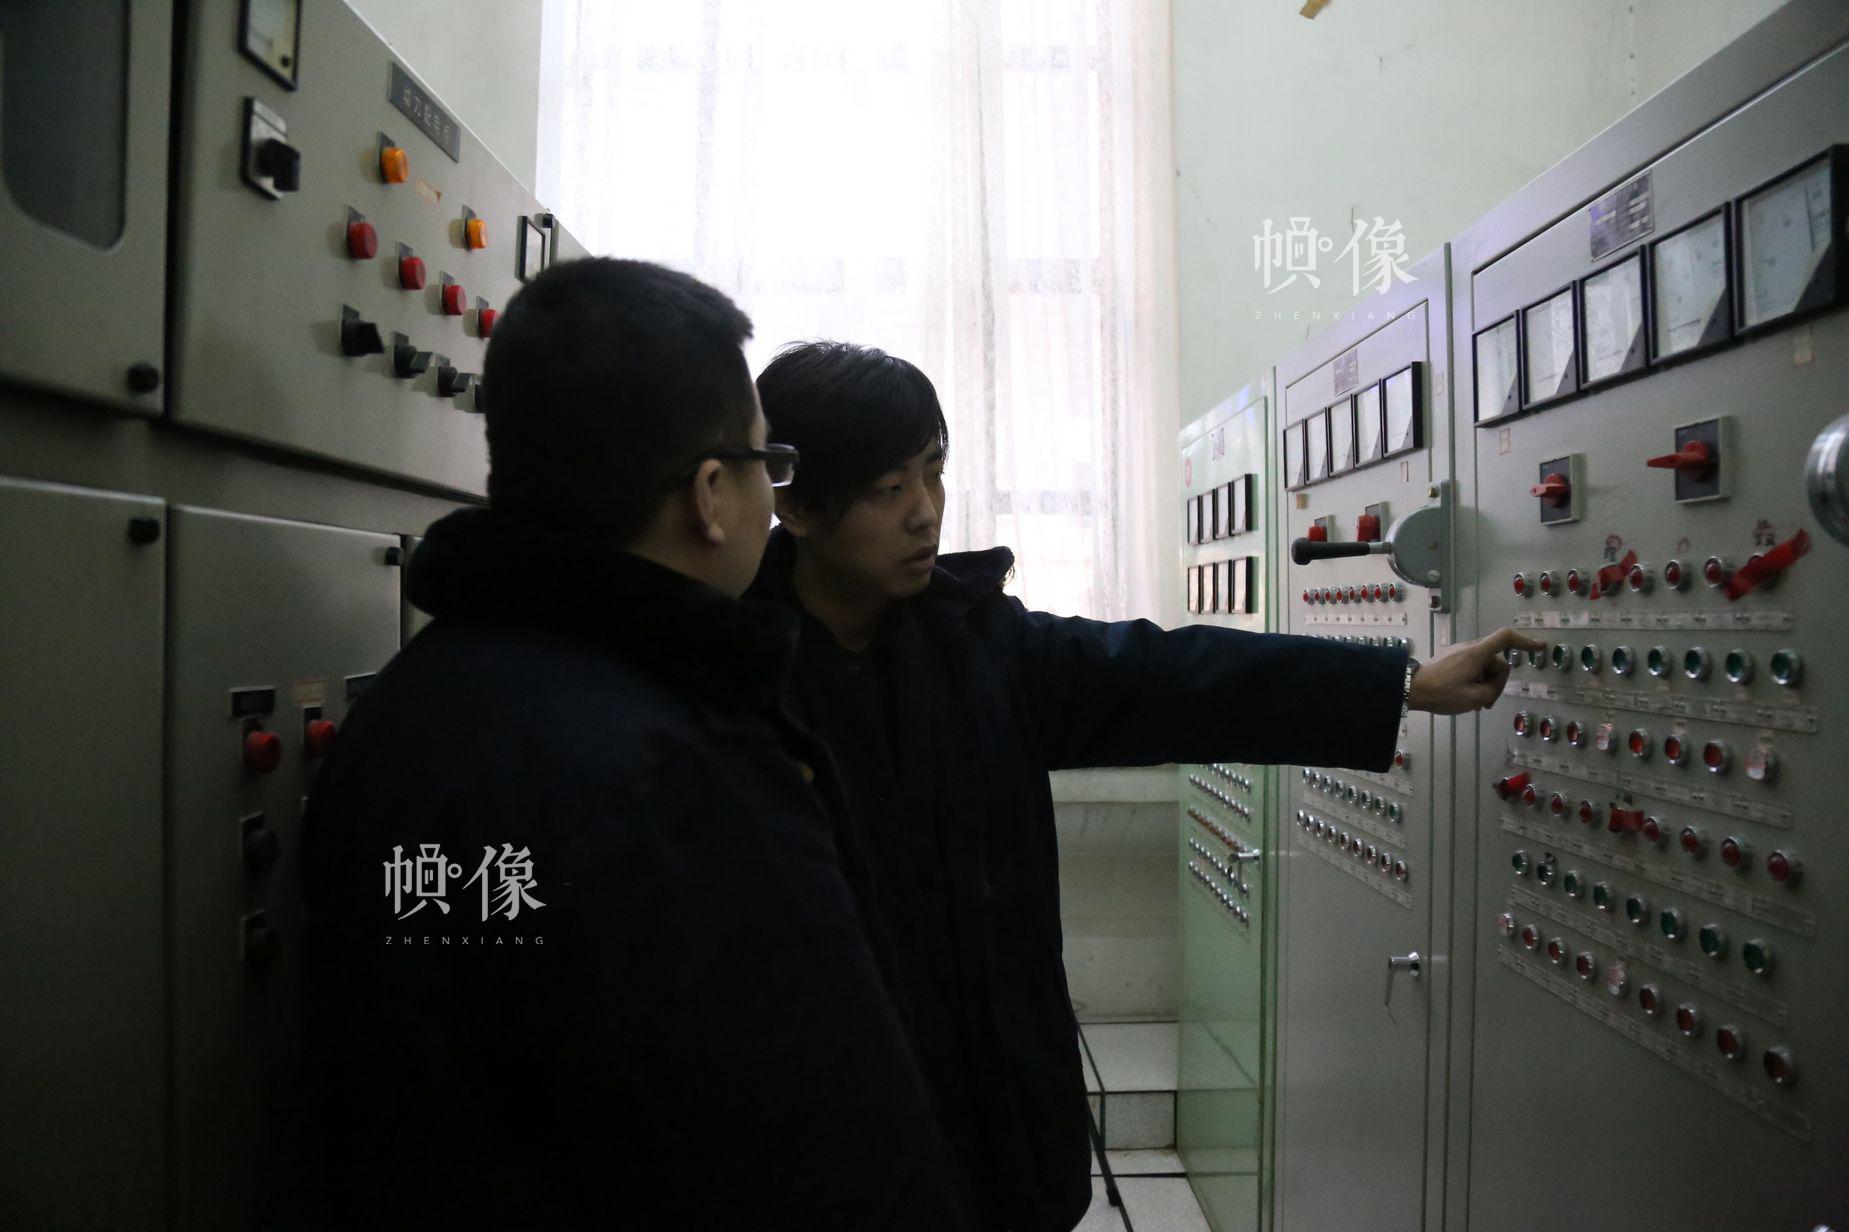 工长马鑫(右)与部门同事沟通交流近期工作情况。中国网 黄富友/摄